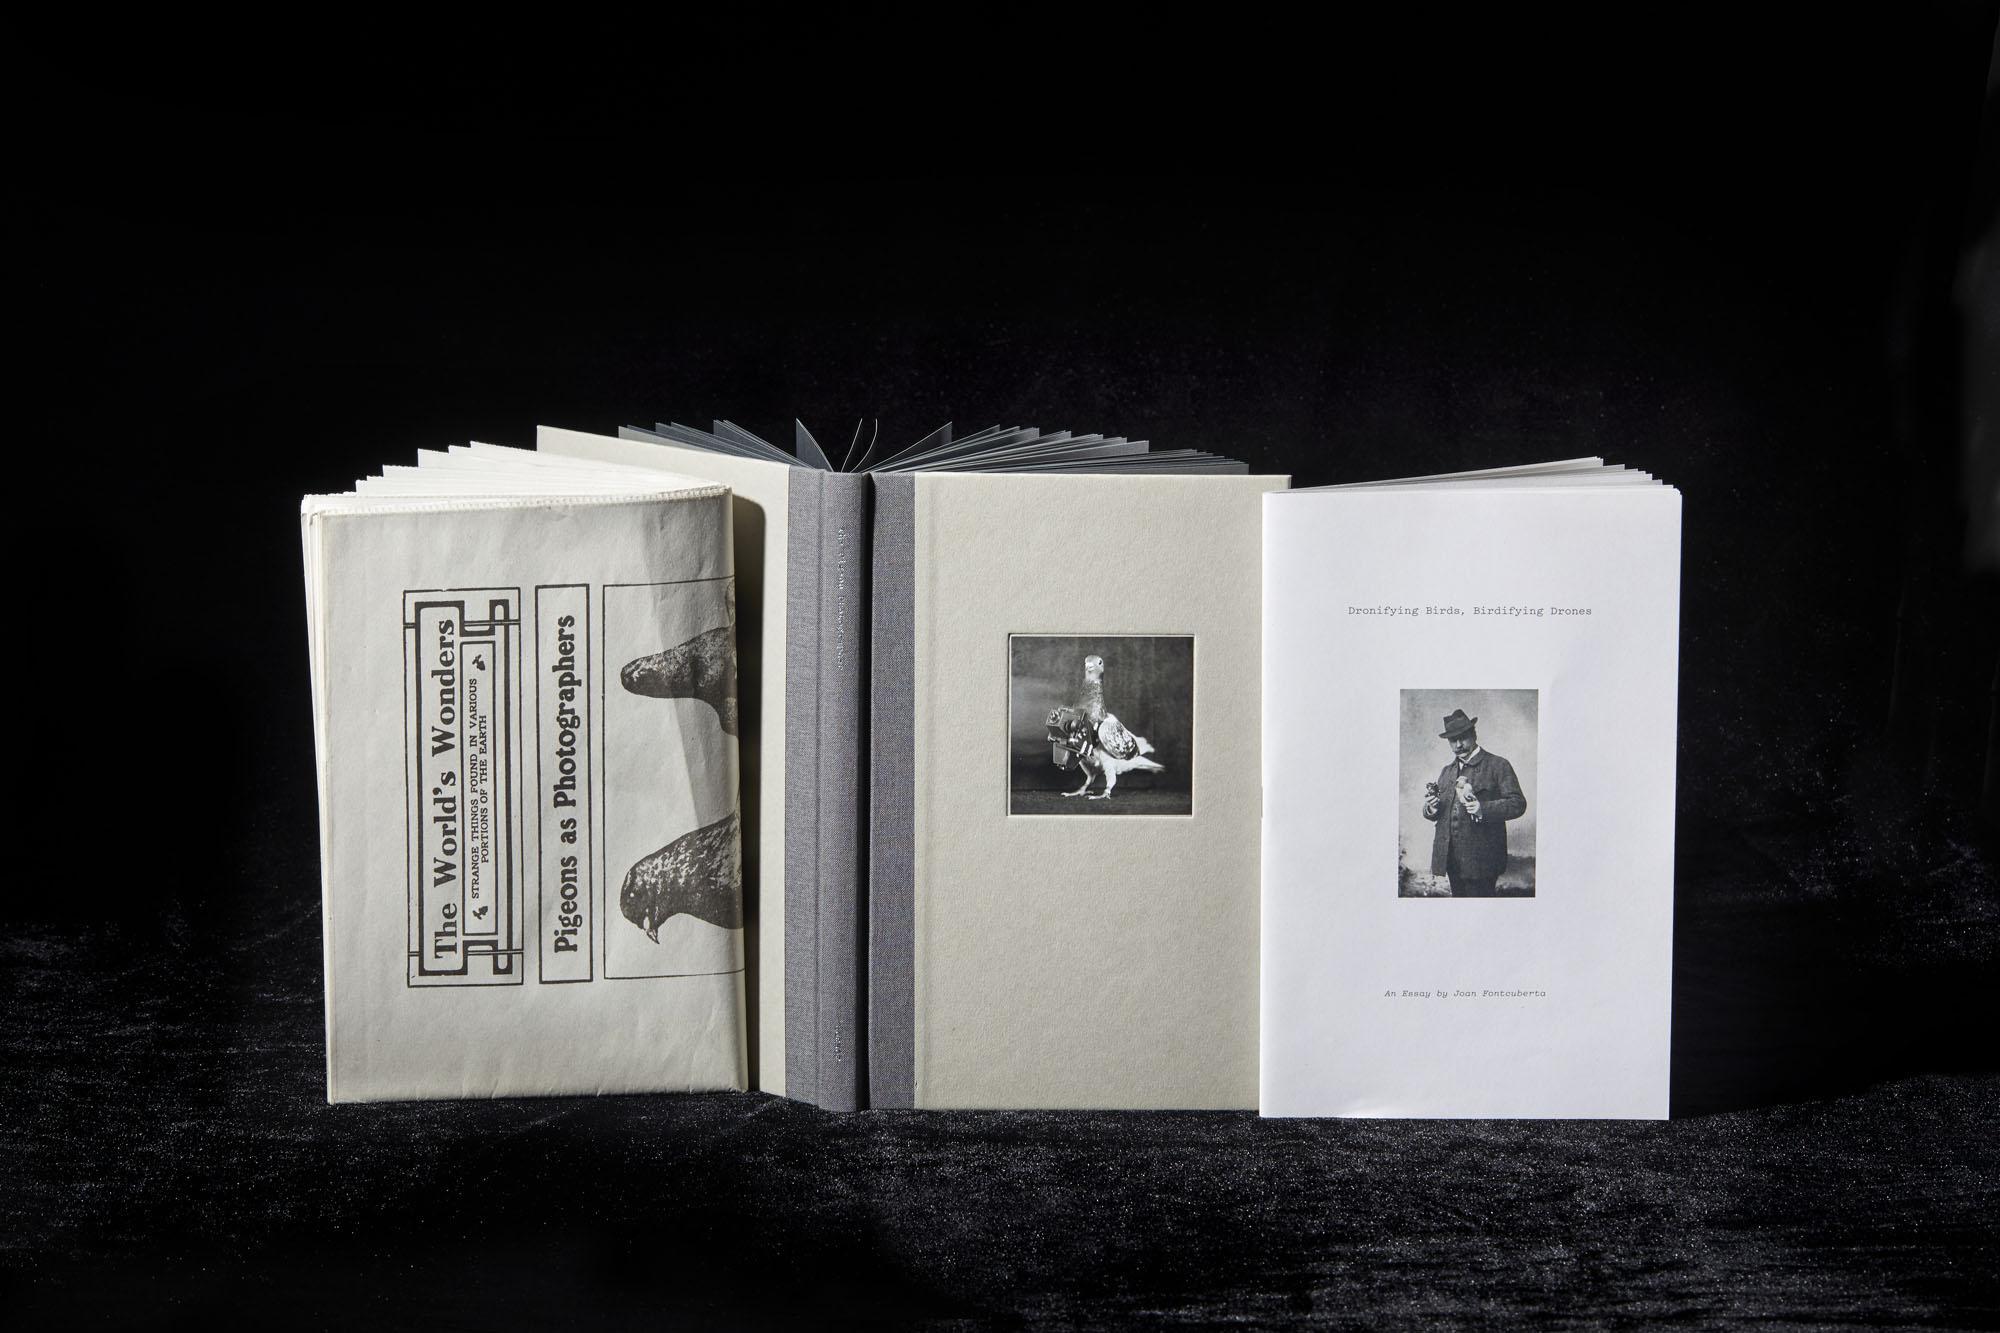 历史书奖得主  尤利乌斯•诺伊布罗纳  《鸽子摄影师》  罗尔霍夫出版社,意大利博尔扎诺